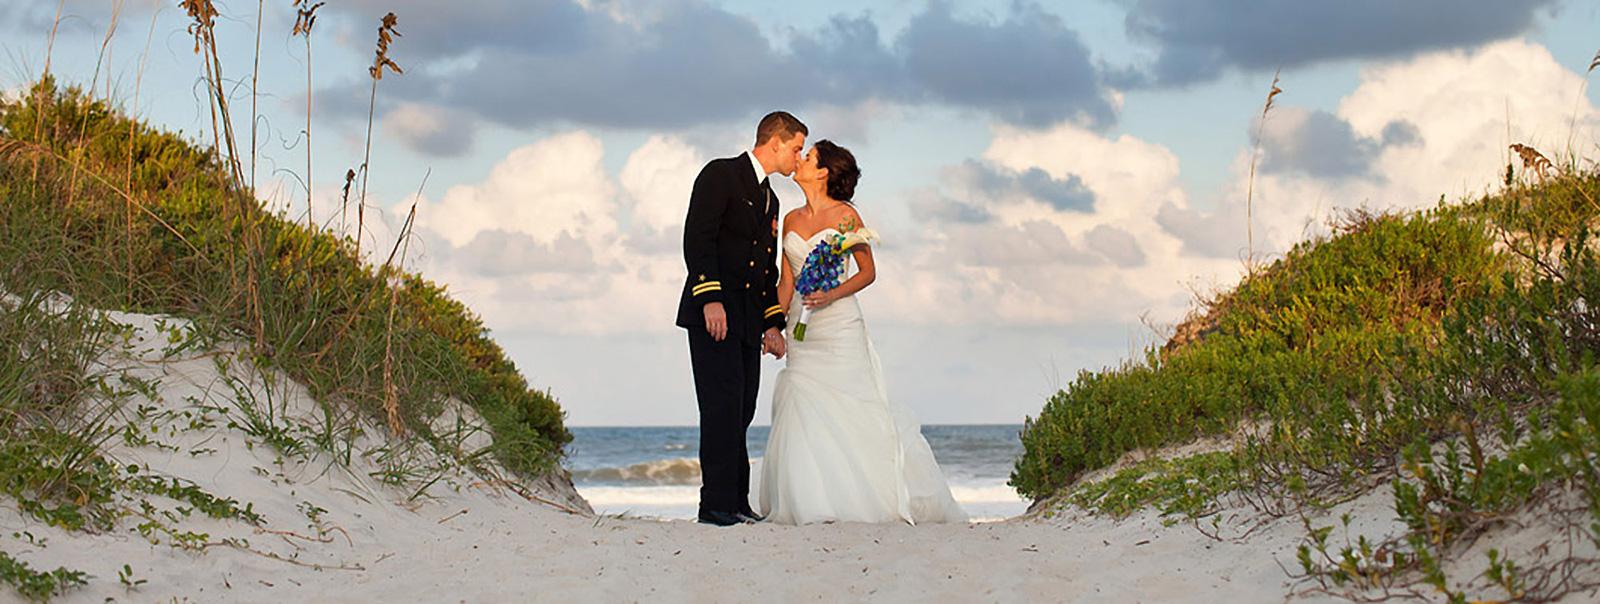 san diego beach wedding location